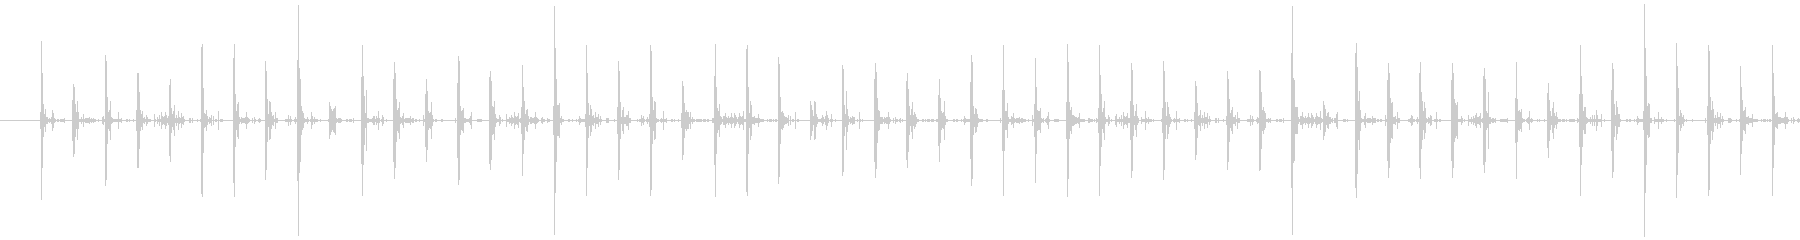 スニーカーで砂利道を走る音の未再生の波形